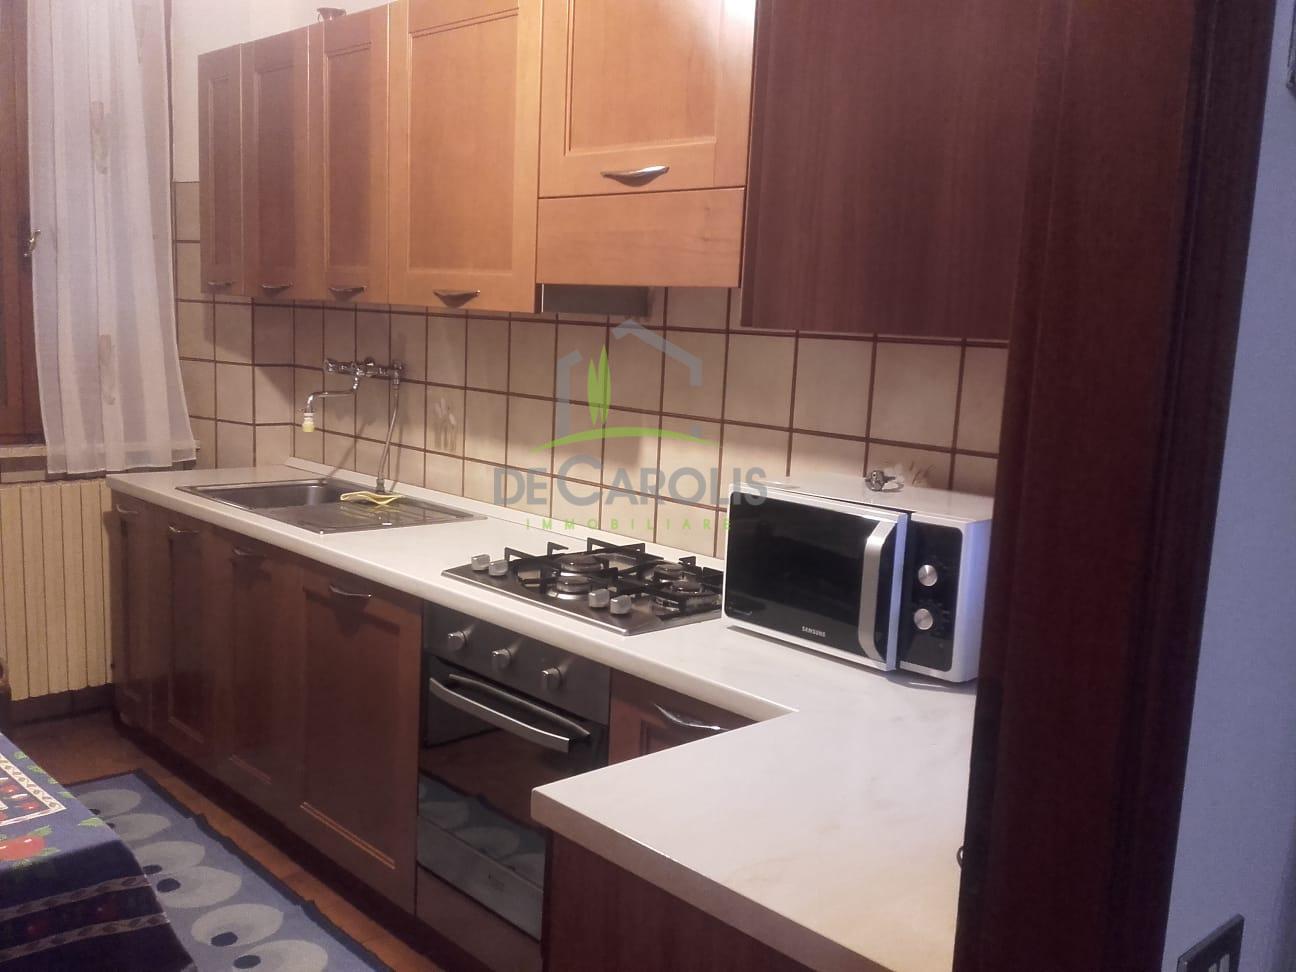 Appartamento in affitto a Ascoli Piceno, 6 locali, zona Località: CentroStorico, prezzo € 500 | CambioCasa.it